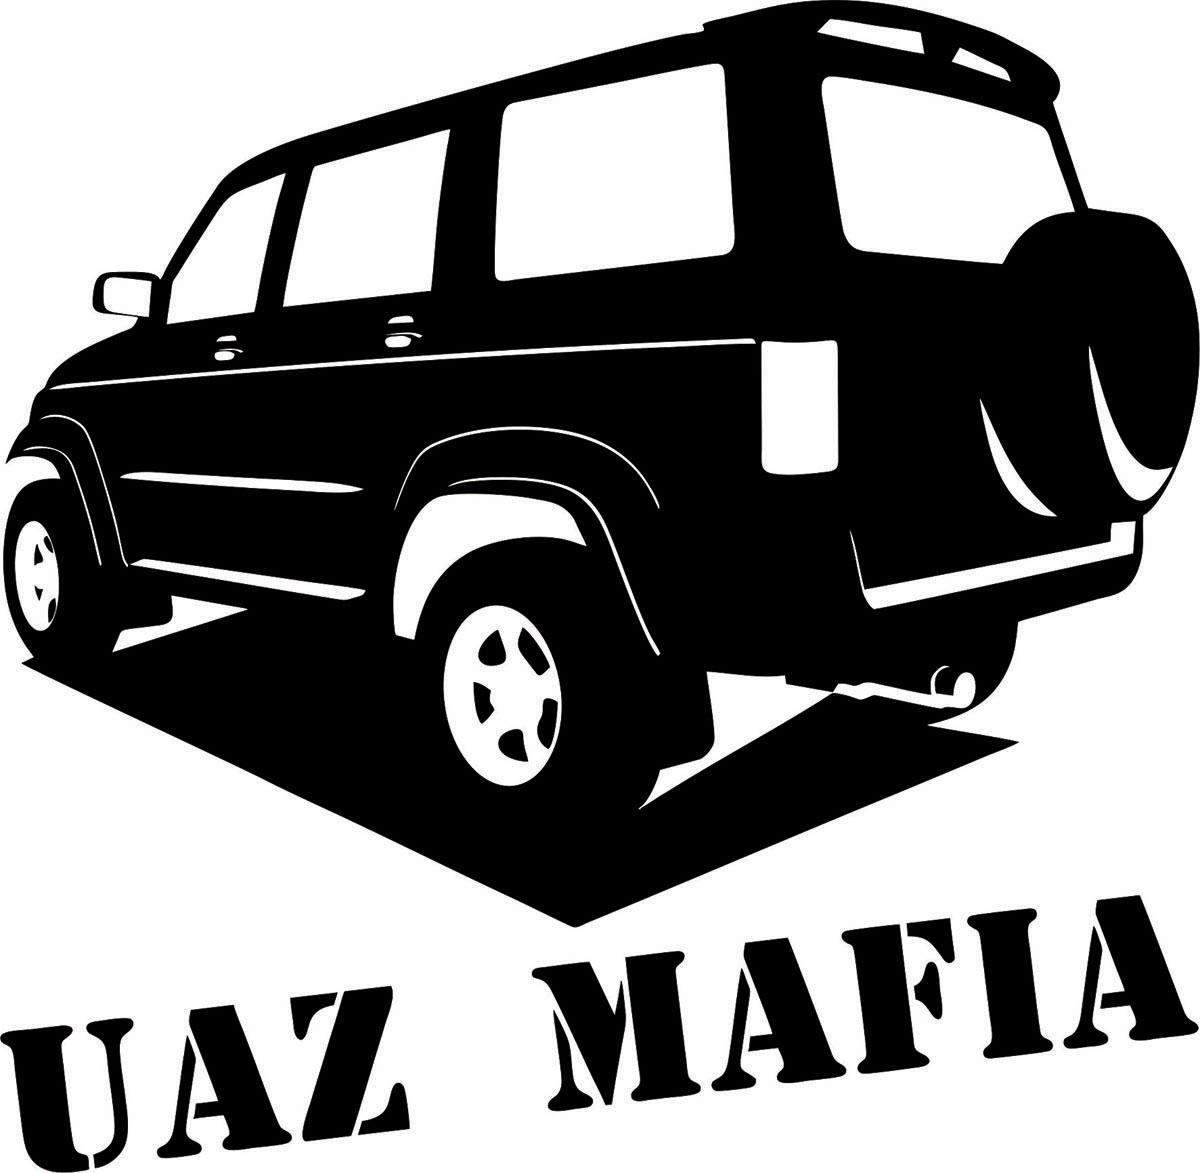 Наклейка автомобильная Оранжевый слоник UAZ Mafia, виниловая, цвет: черныйCA-3505Оригинальная наклейка Оранжевый слоник UAZ Mafia изготовлена из высококачественной виниловой пленки, которая выполняет не только декоративную функцию, но и защищает кузов автомобиля от небольших механических повреждений, либо скрывает уже существующие.Виниловые наклейки на автомобиль - это не только красиво, но еще и быстро! Всего за несколько минут вы можете полностью преобразить свой автомобиль, сделать его ярким, необычным, особенным и неповторимым!